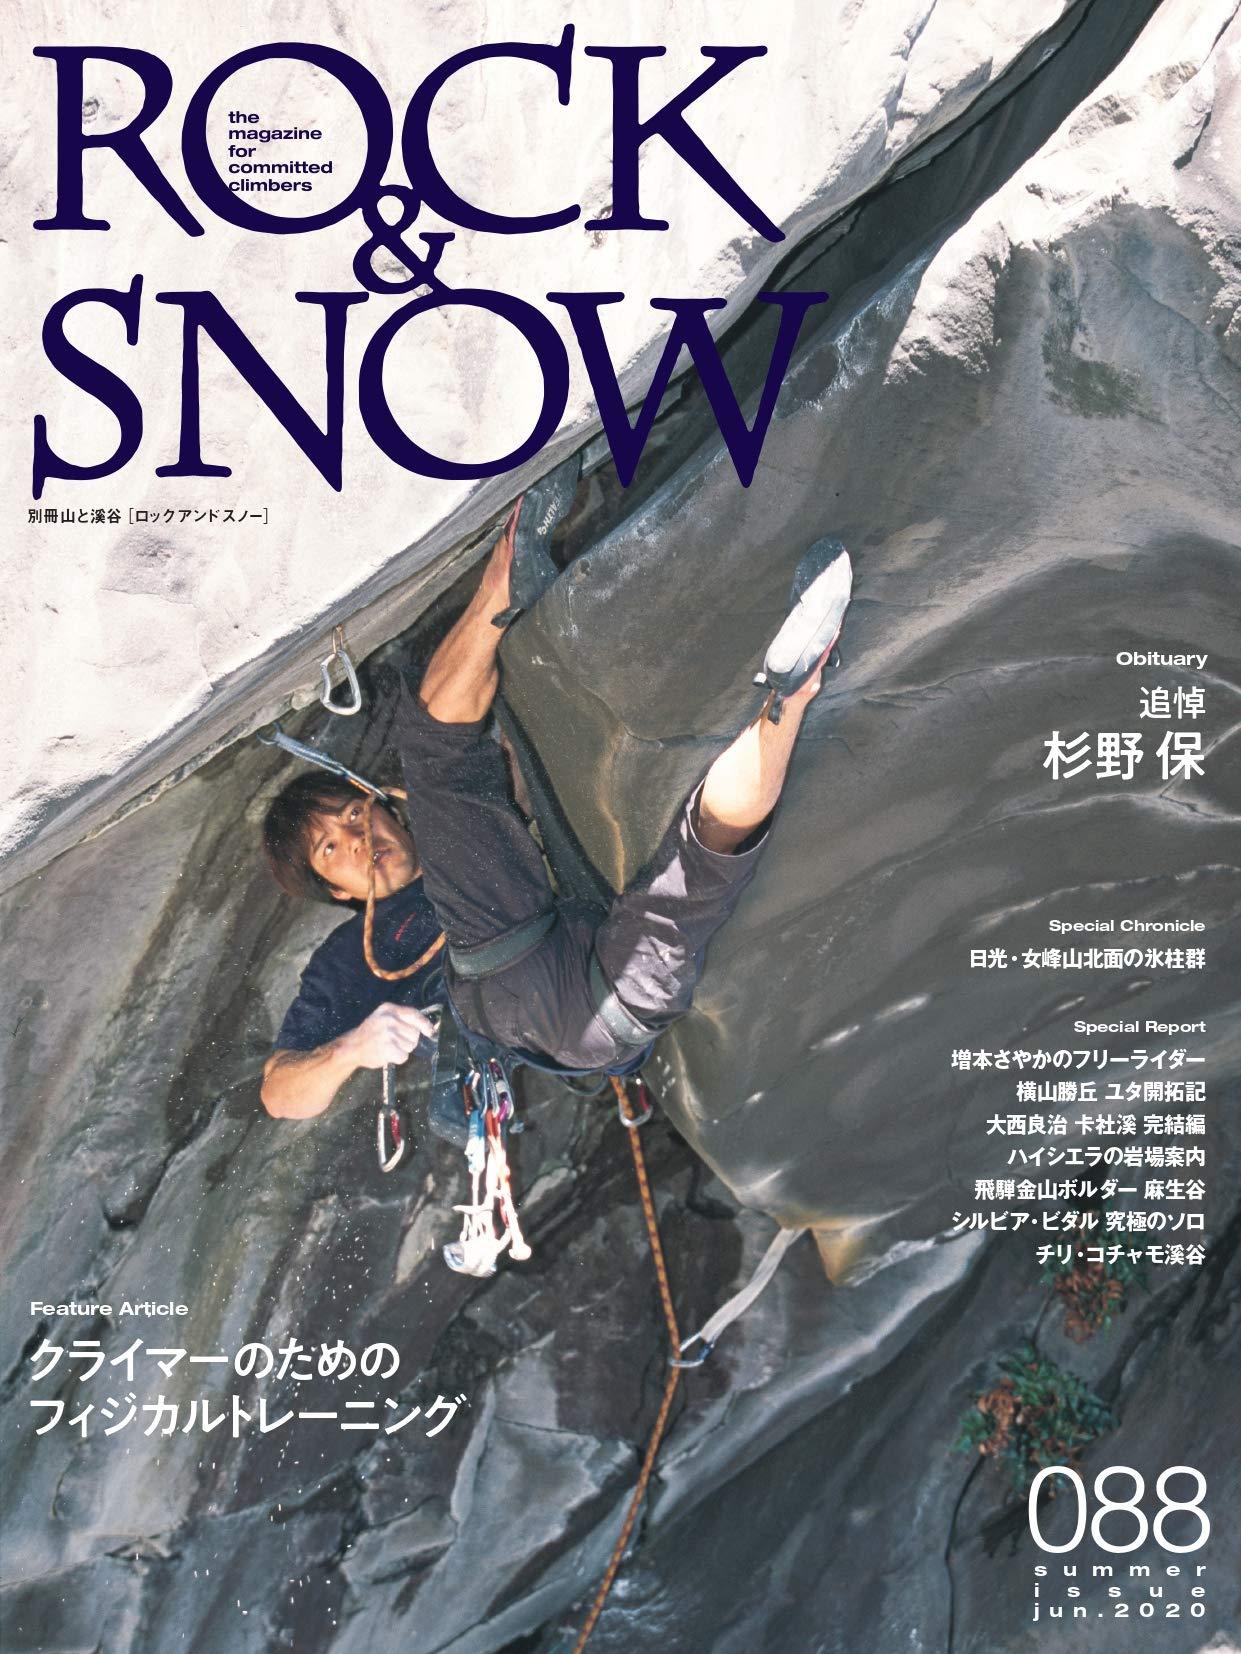 飛騨金山 麻生谷ボルダーの記事に載りました